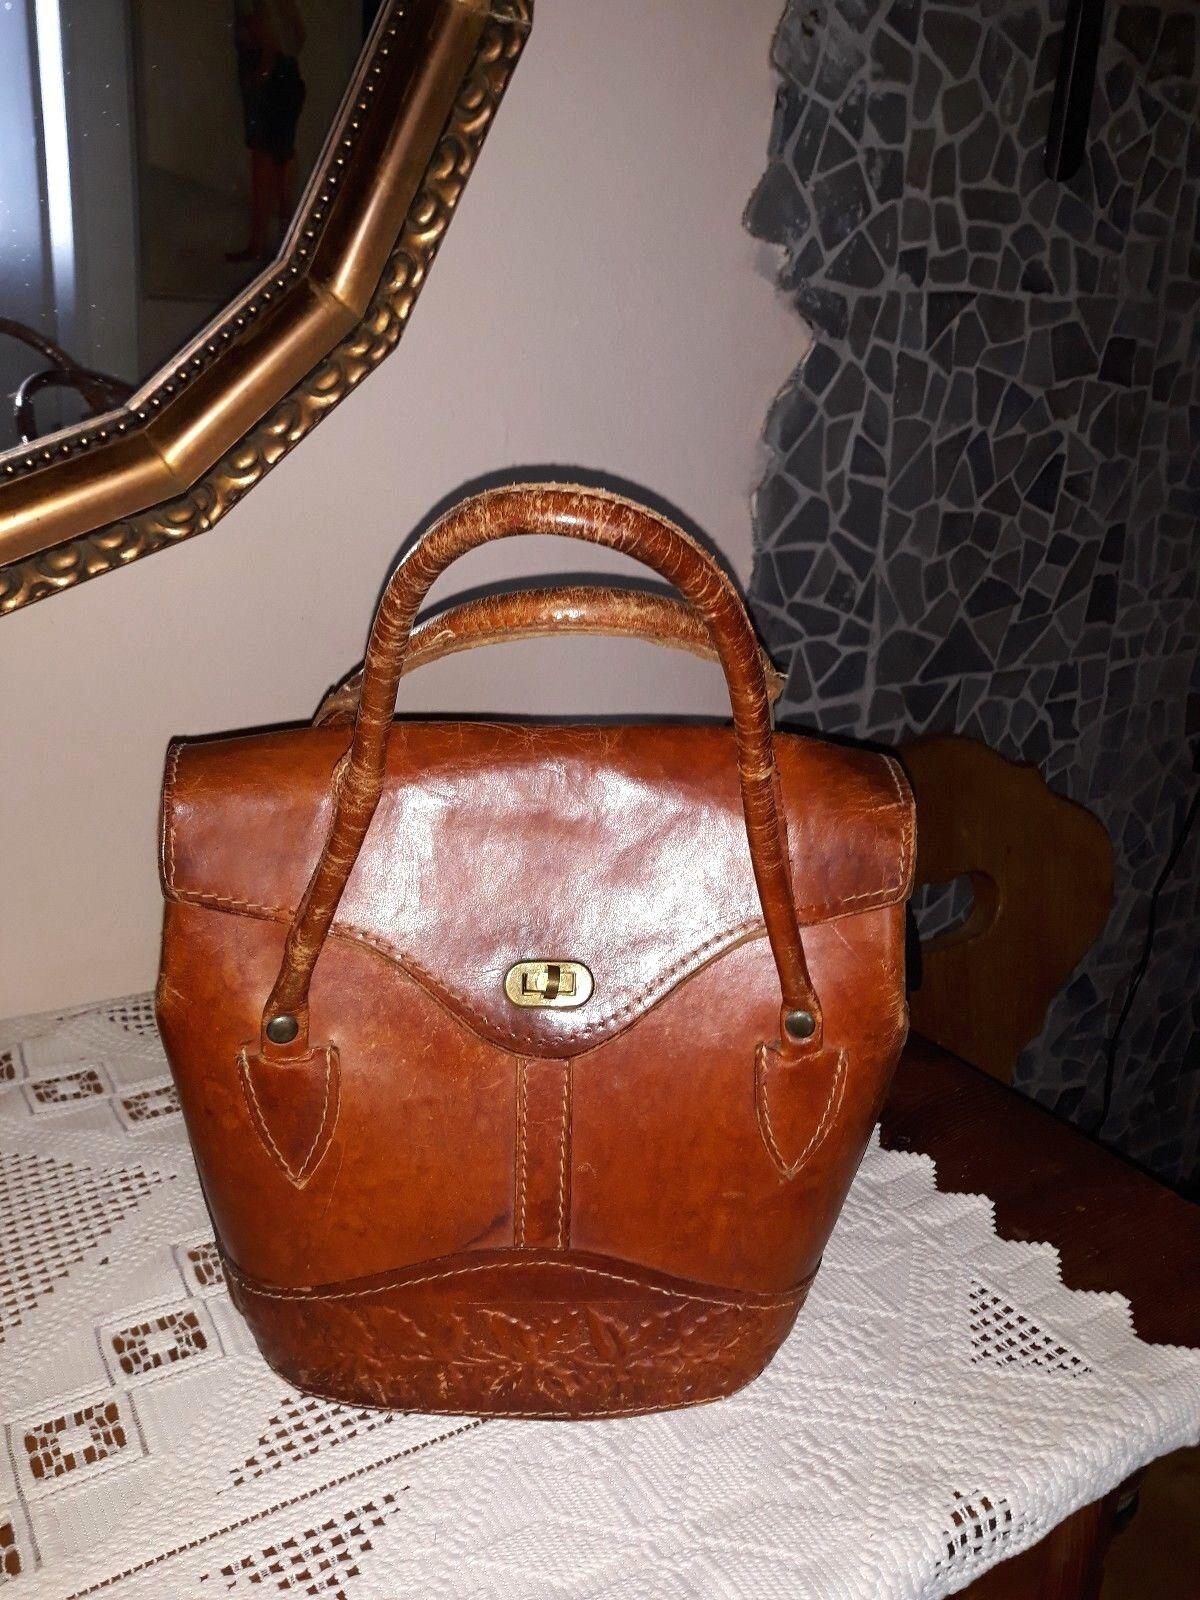 LEDER Vintage Damen Handtasche    Made in   mit Prägung | Am praktischsten  | Lebendige Form  | Qualität zuerst  | Qualifizierte Herstellung  7aec3d